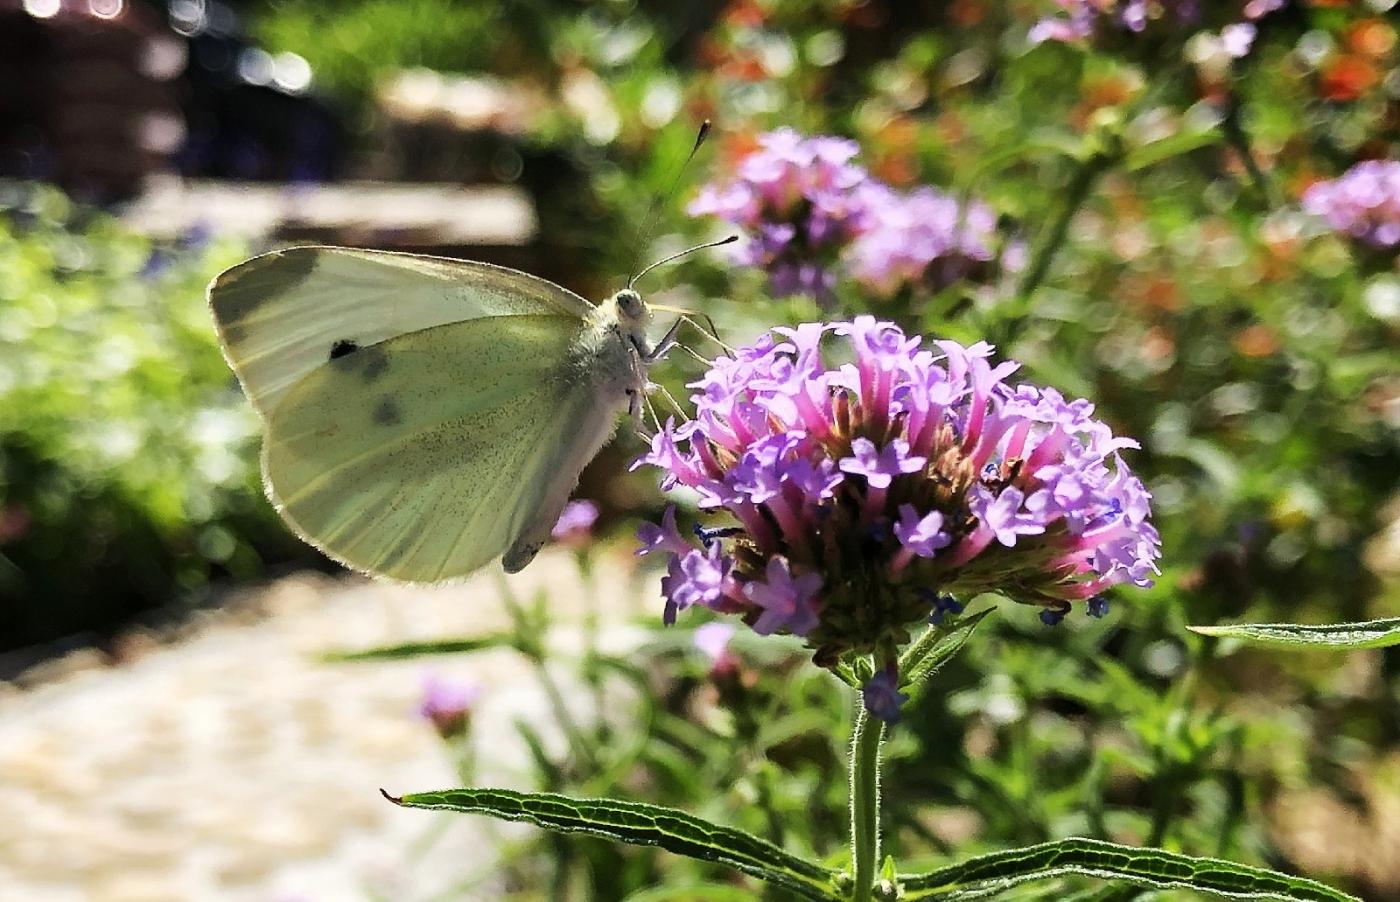 【田螺随拍】我种了马鞭草蝴蝶就来了_图1-15